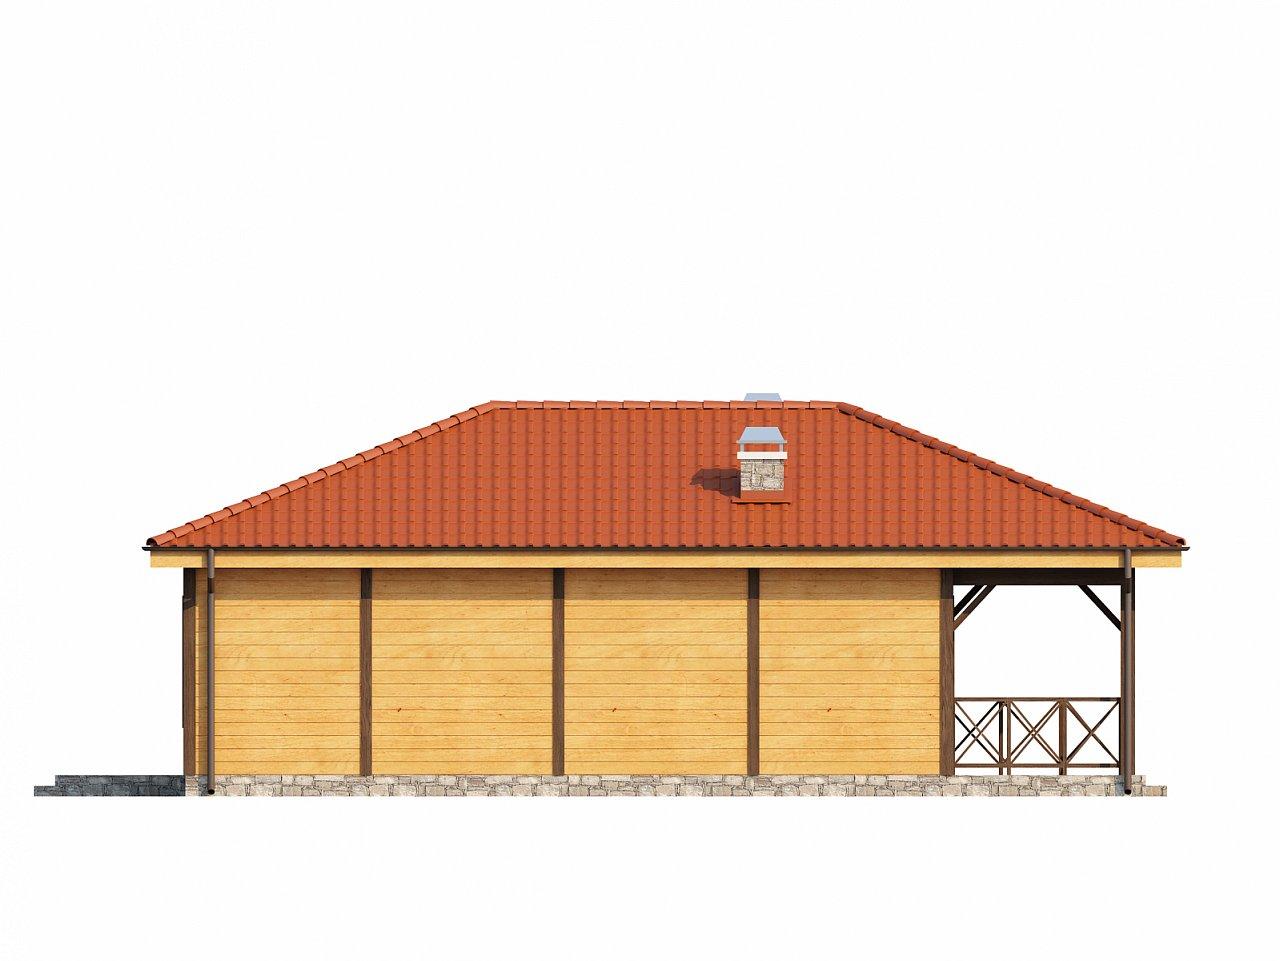 Аккуратный одноэтажный дом с деревянной облицовкой фасадов, адаптированный для каркасной технологии. 15